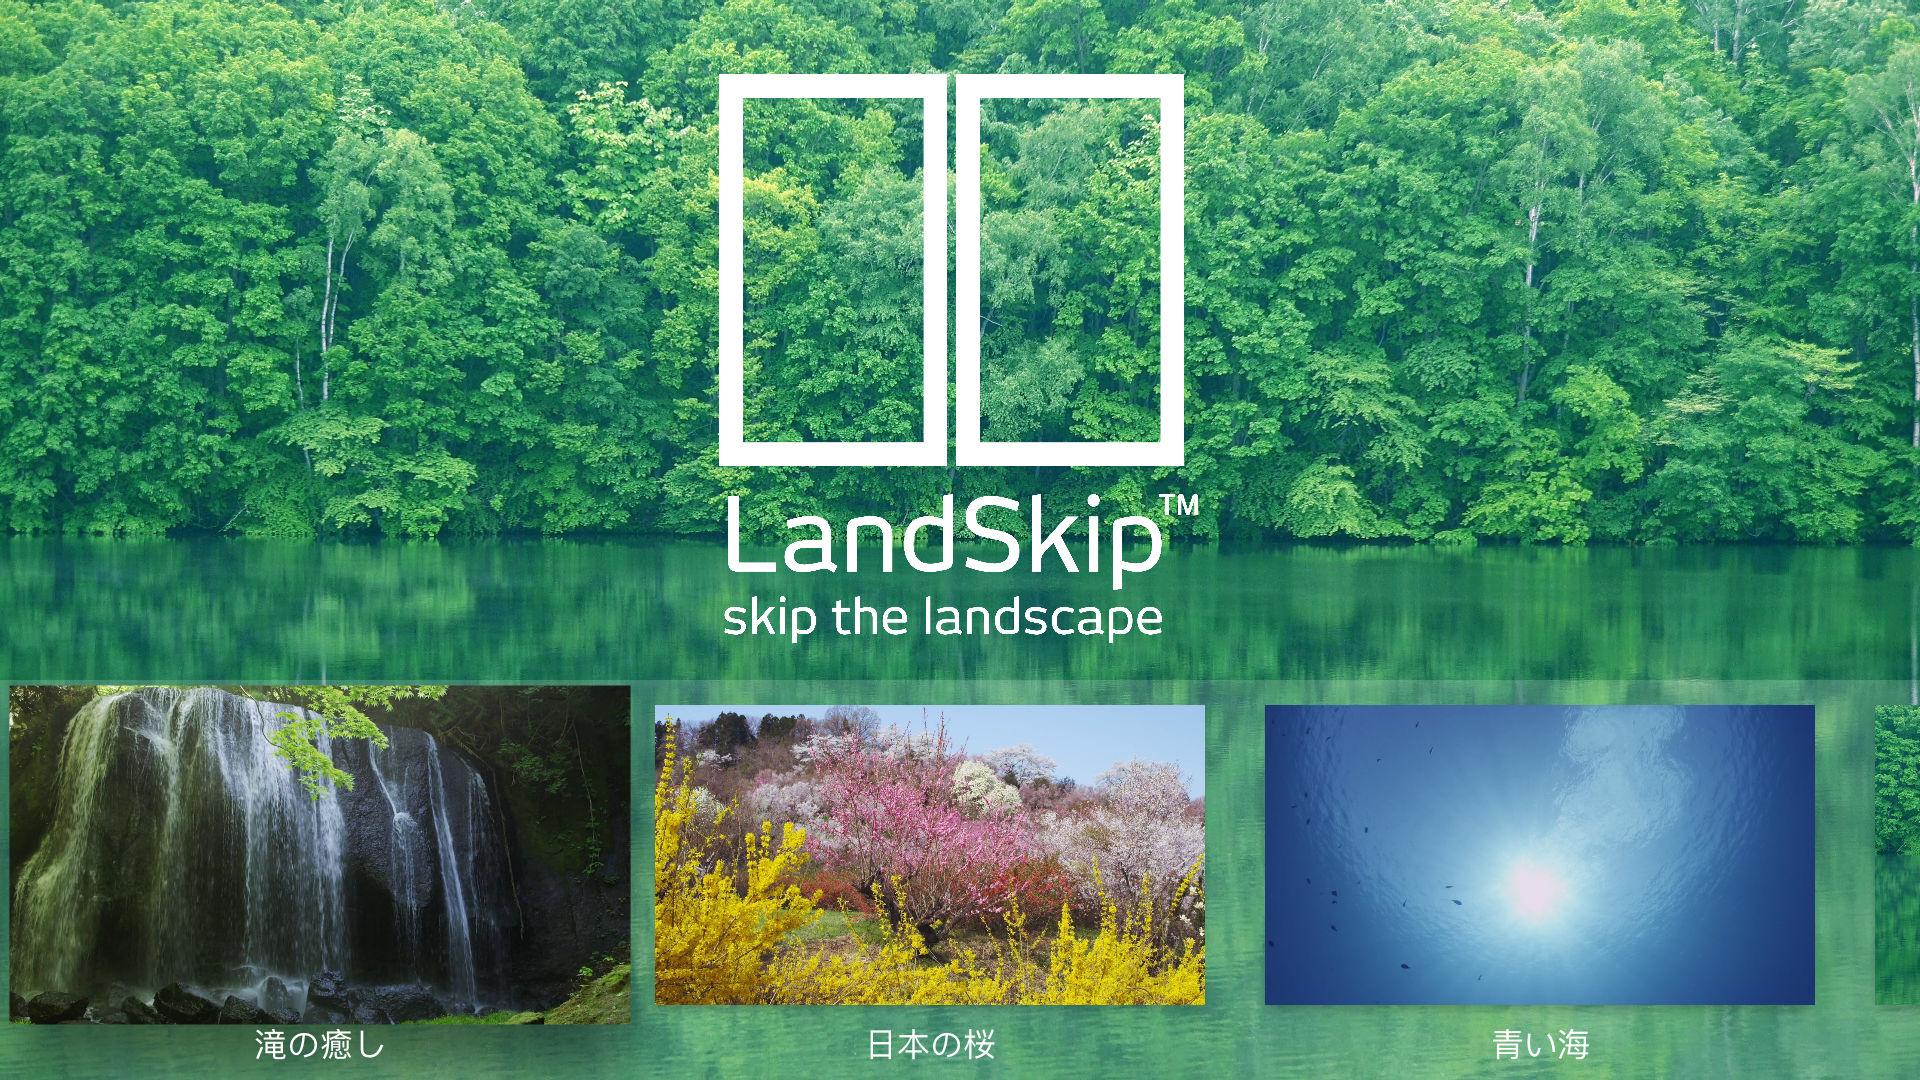 LandSkip